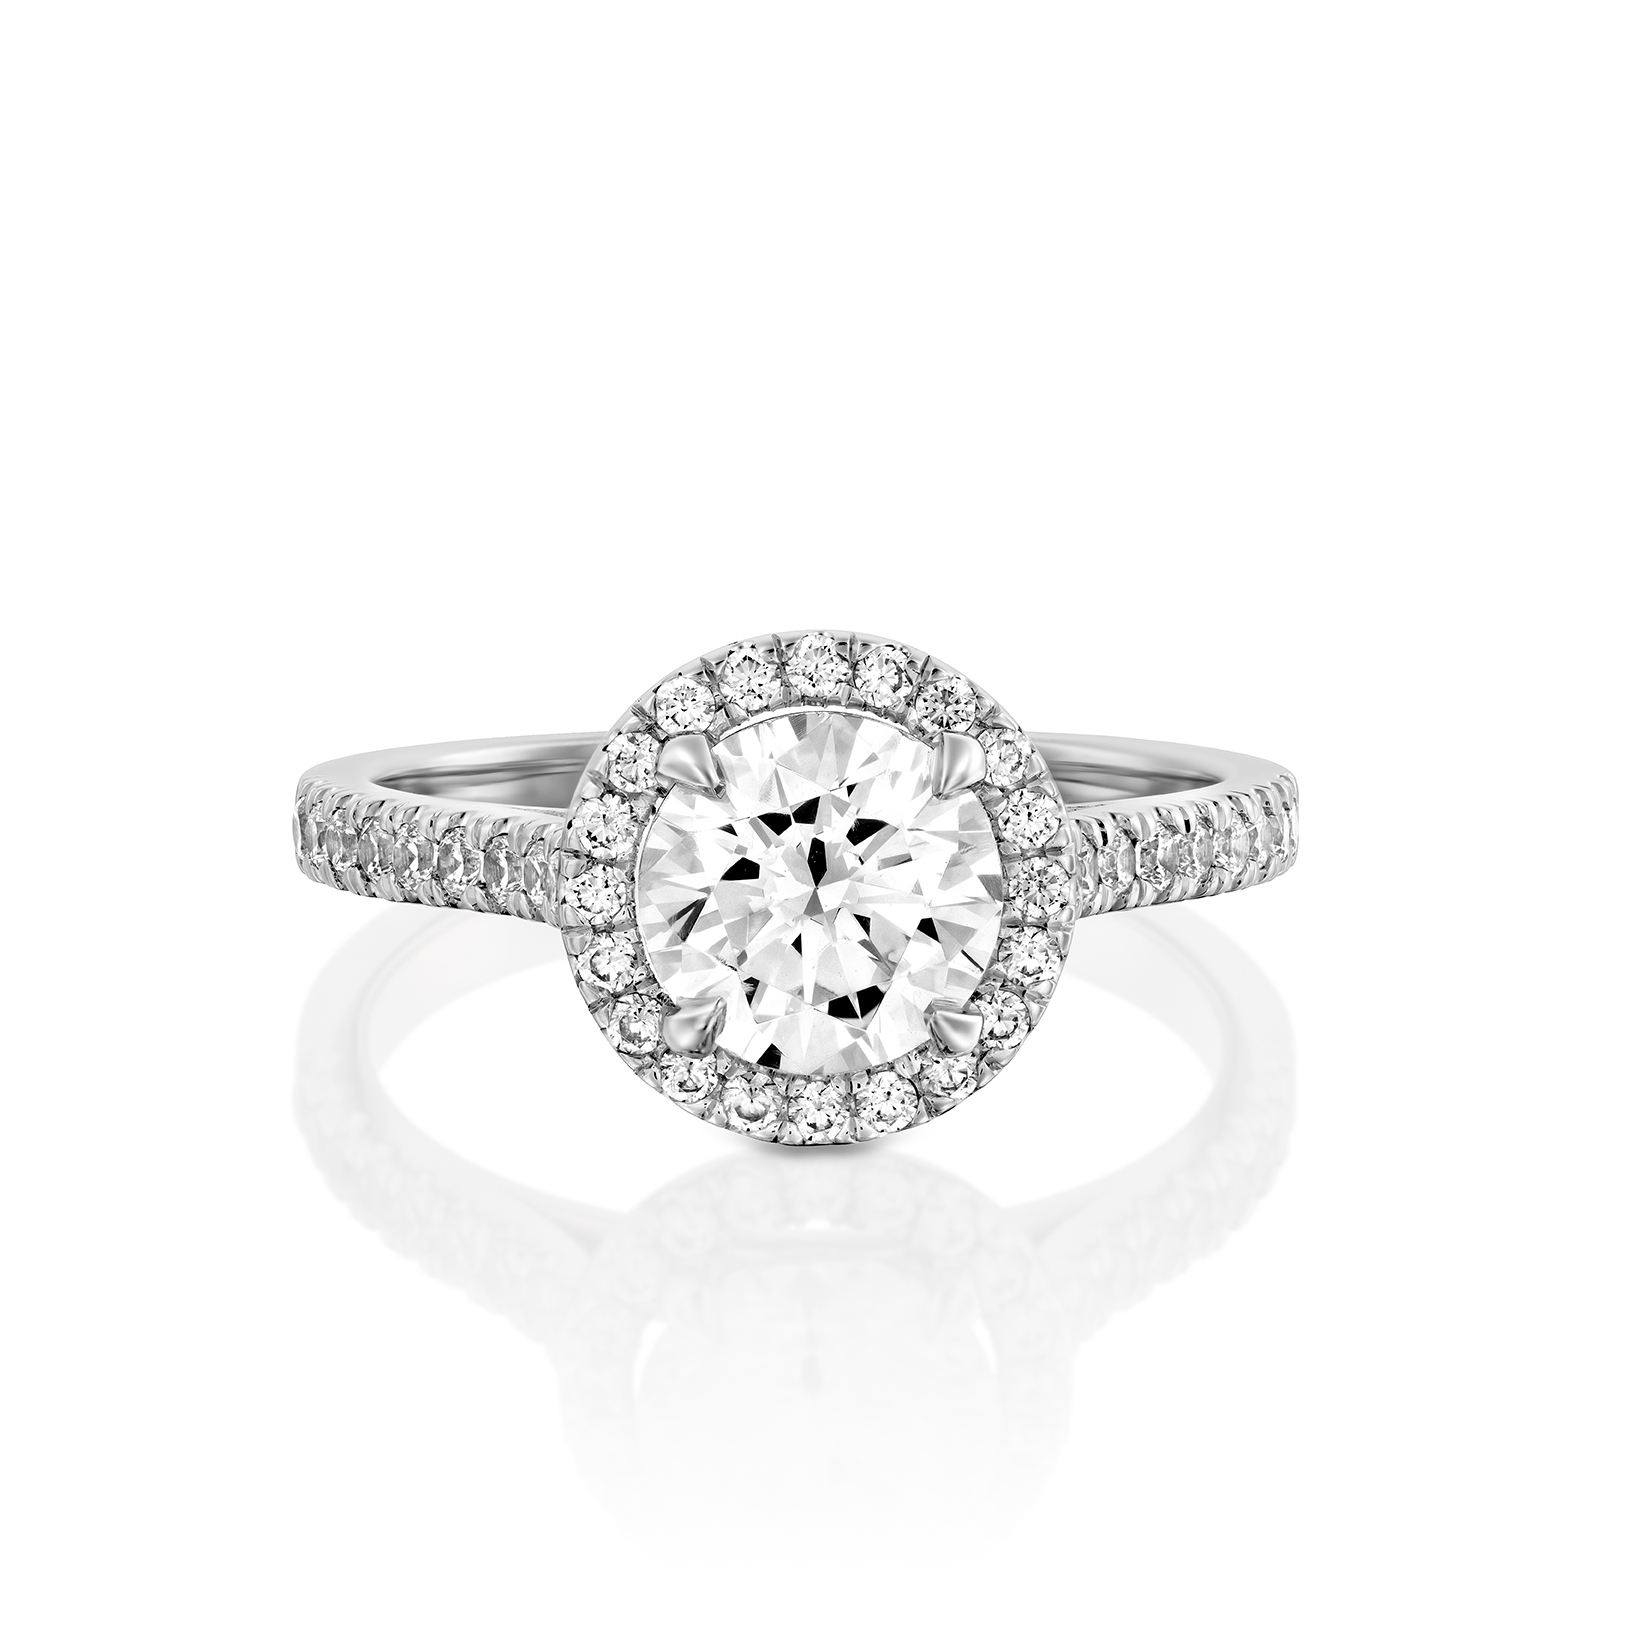 טבעת אירוסין זהב לבן 14 קראט משובצת יהלומים HALOW MAYA